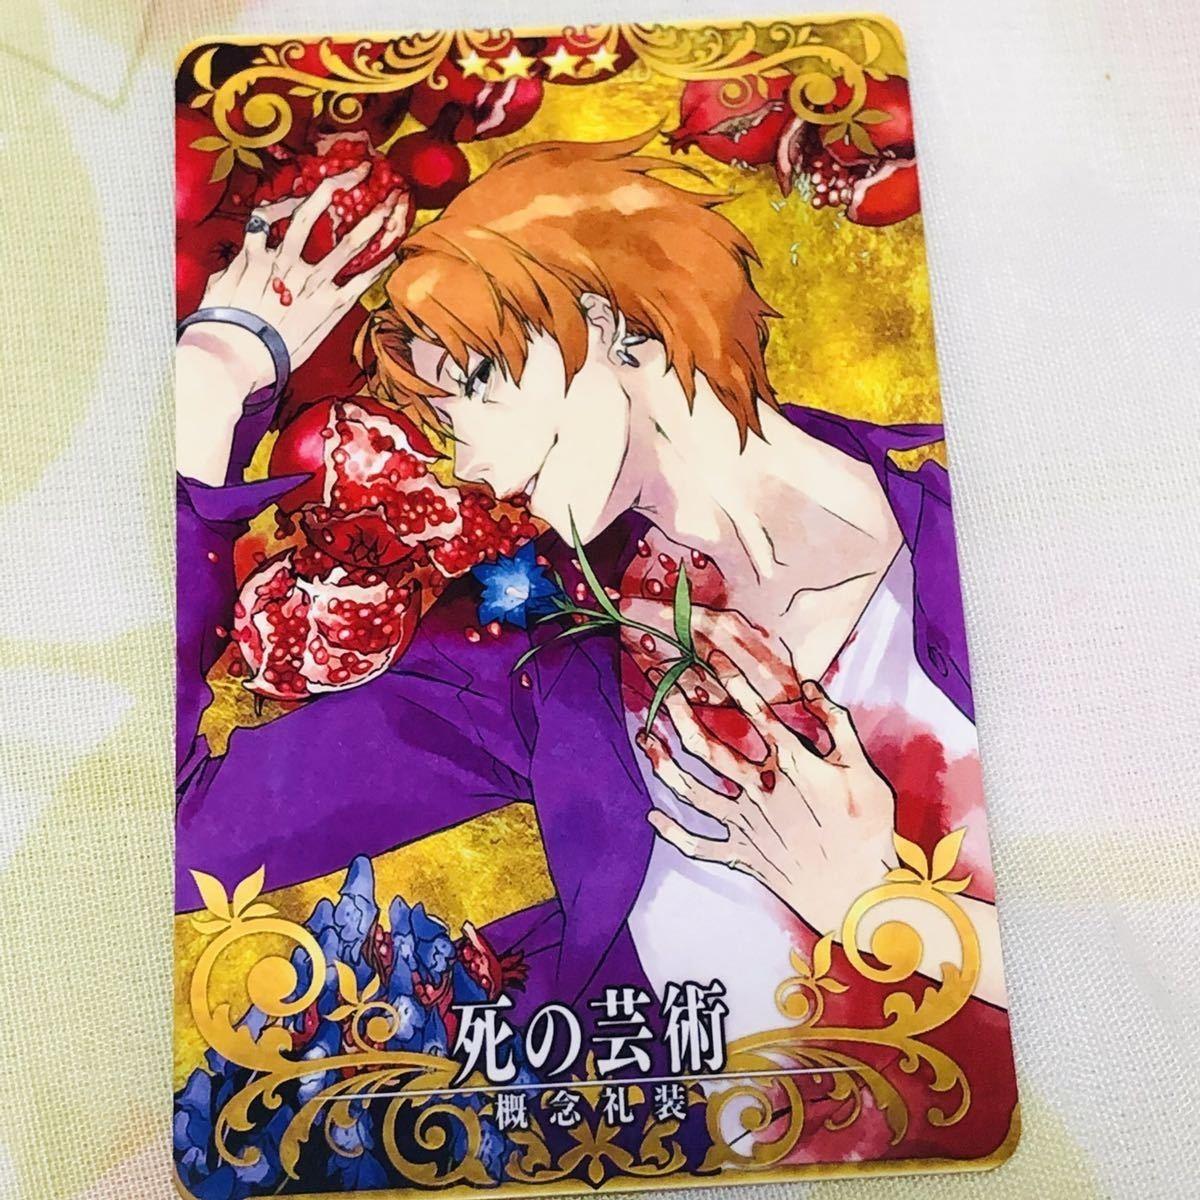 Fate/Grand Order Arcade FGO AC アーケード カード 12枚セット クー・フーリン マシュ 刹那のまほろば ファイアーフラワー 死の芸術_画像9